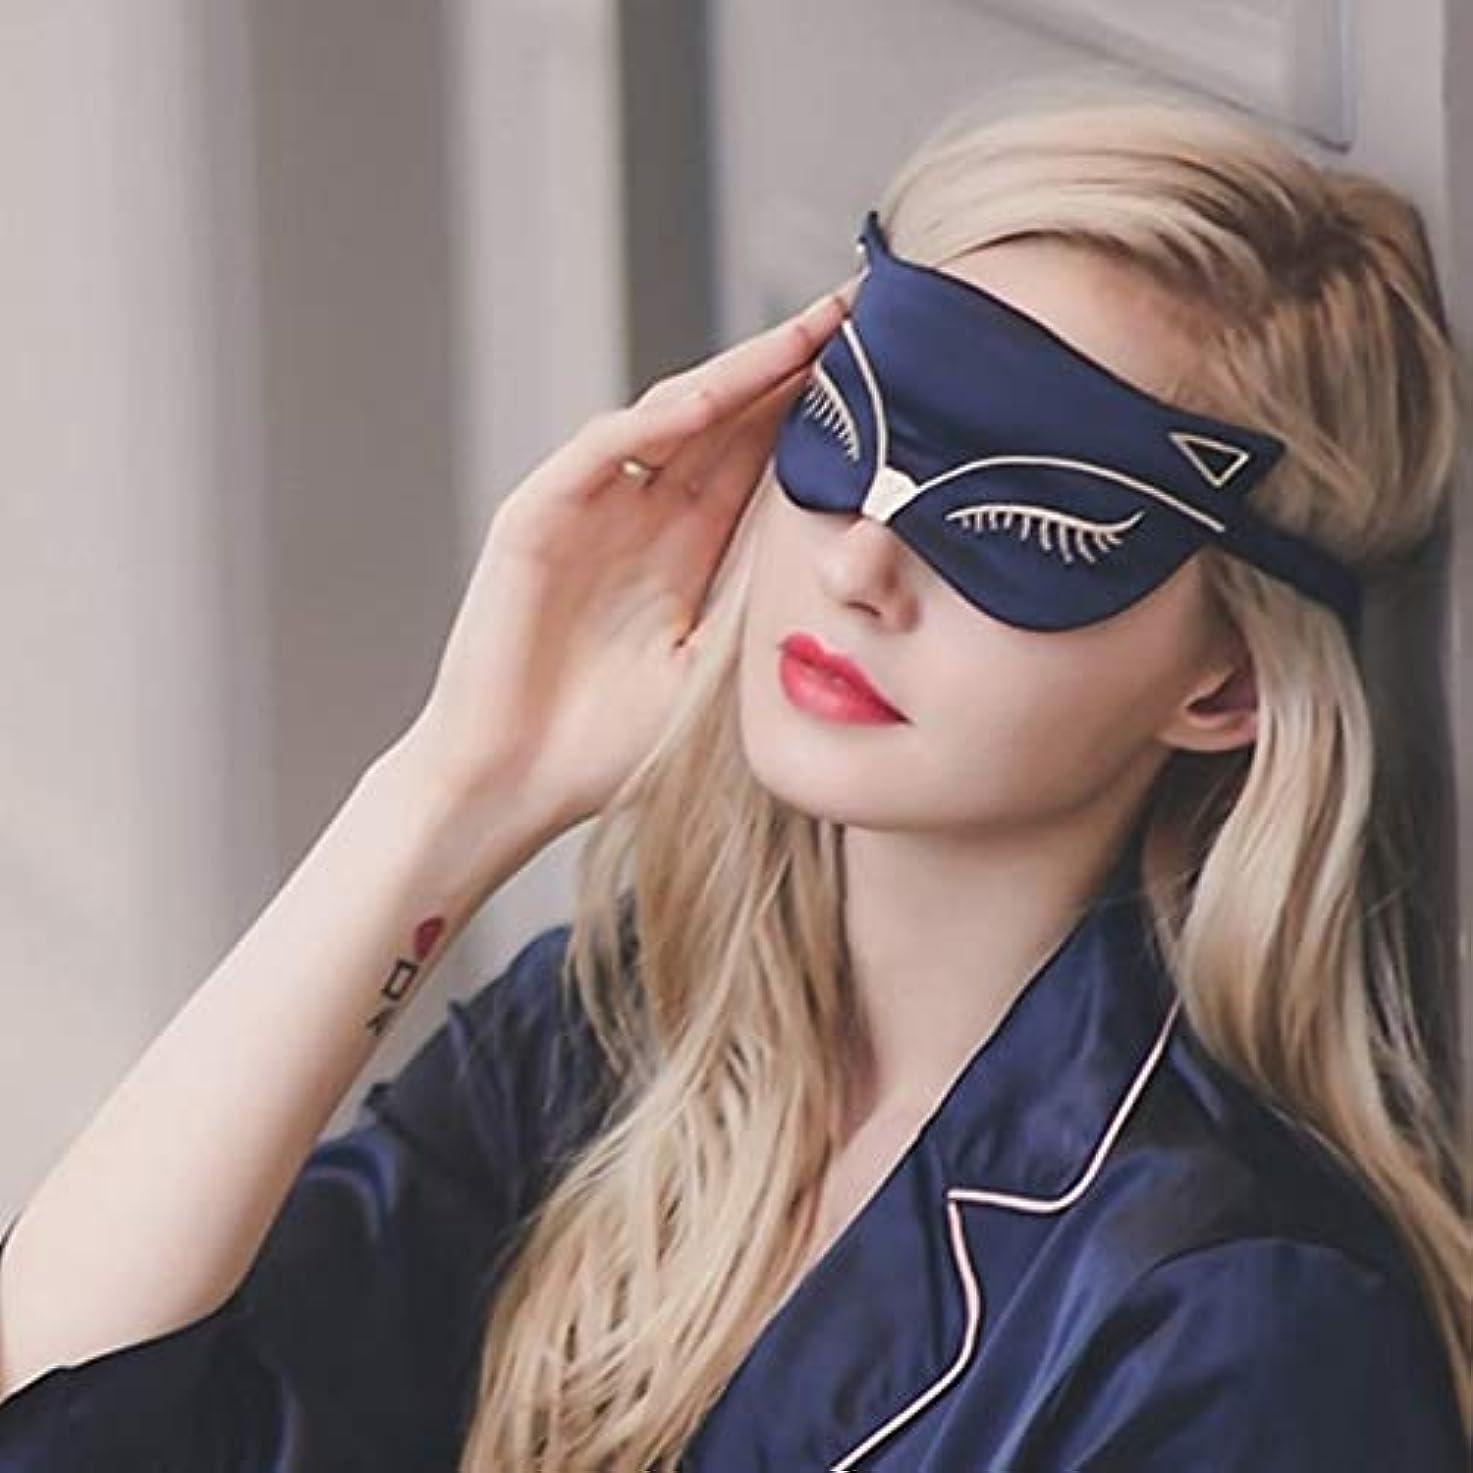 多くの危険がある状況バッグベリ注意睡眠マスク100%桑絹睡眠アイマスクセクシーなキツネ刺繍アイシェードマスク包帯目の睡眠アイケアツール